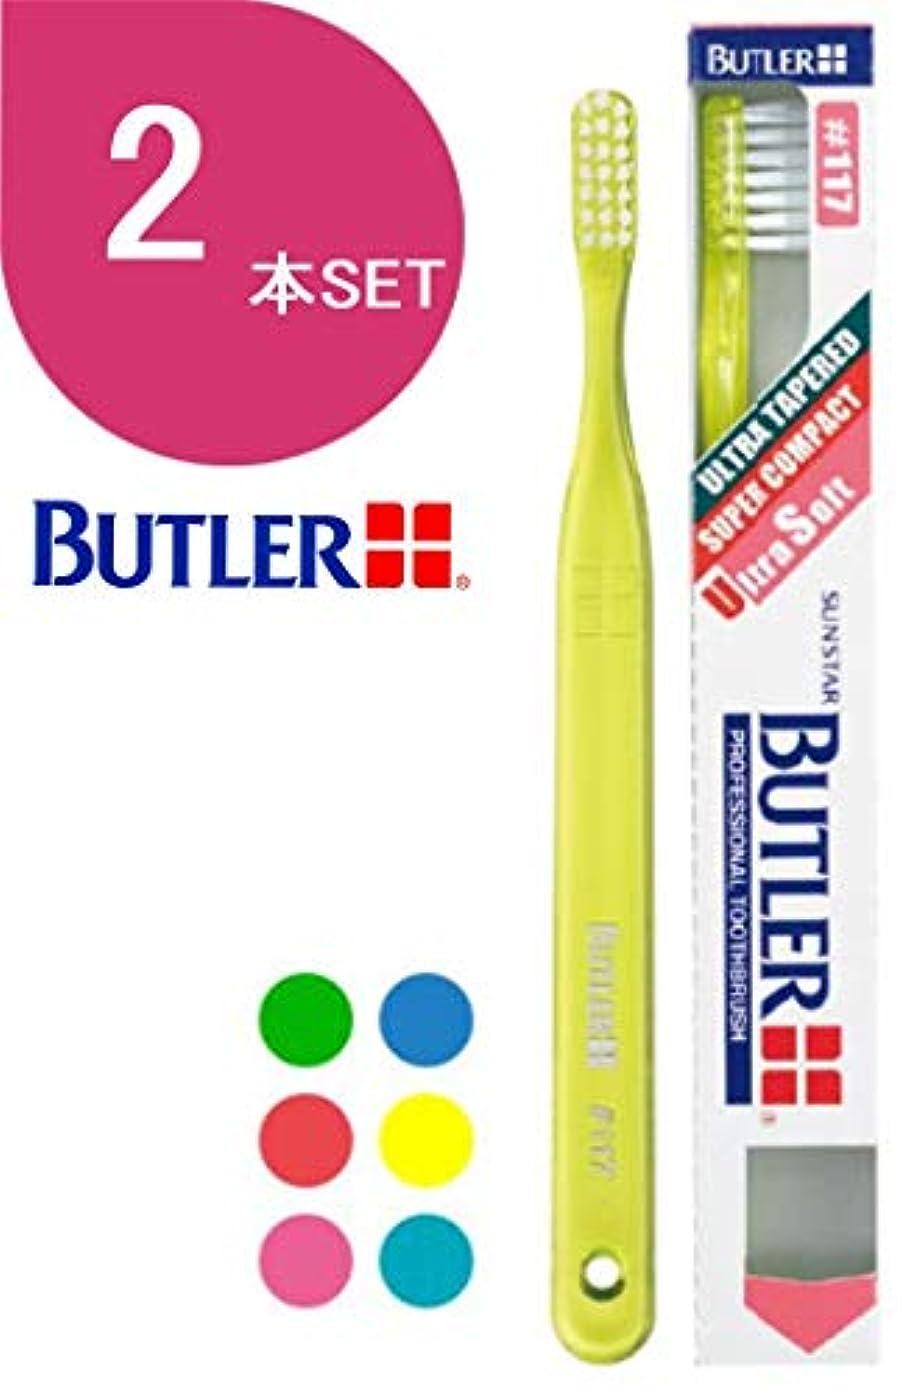 トリム運搬言及するサンスター バトラー(BUTLER) 歯ブラシ 2本 #117